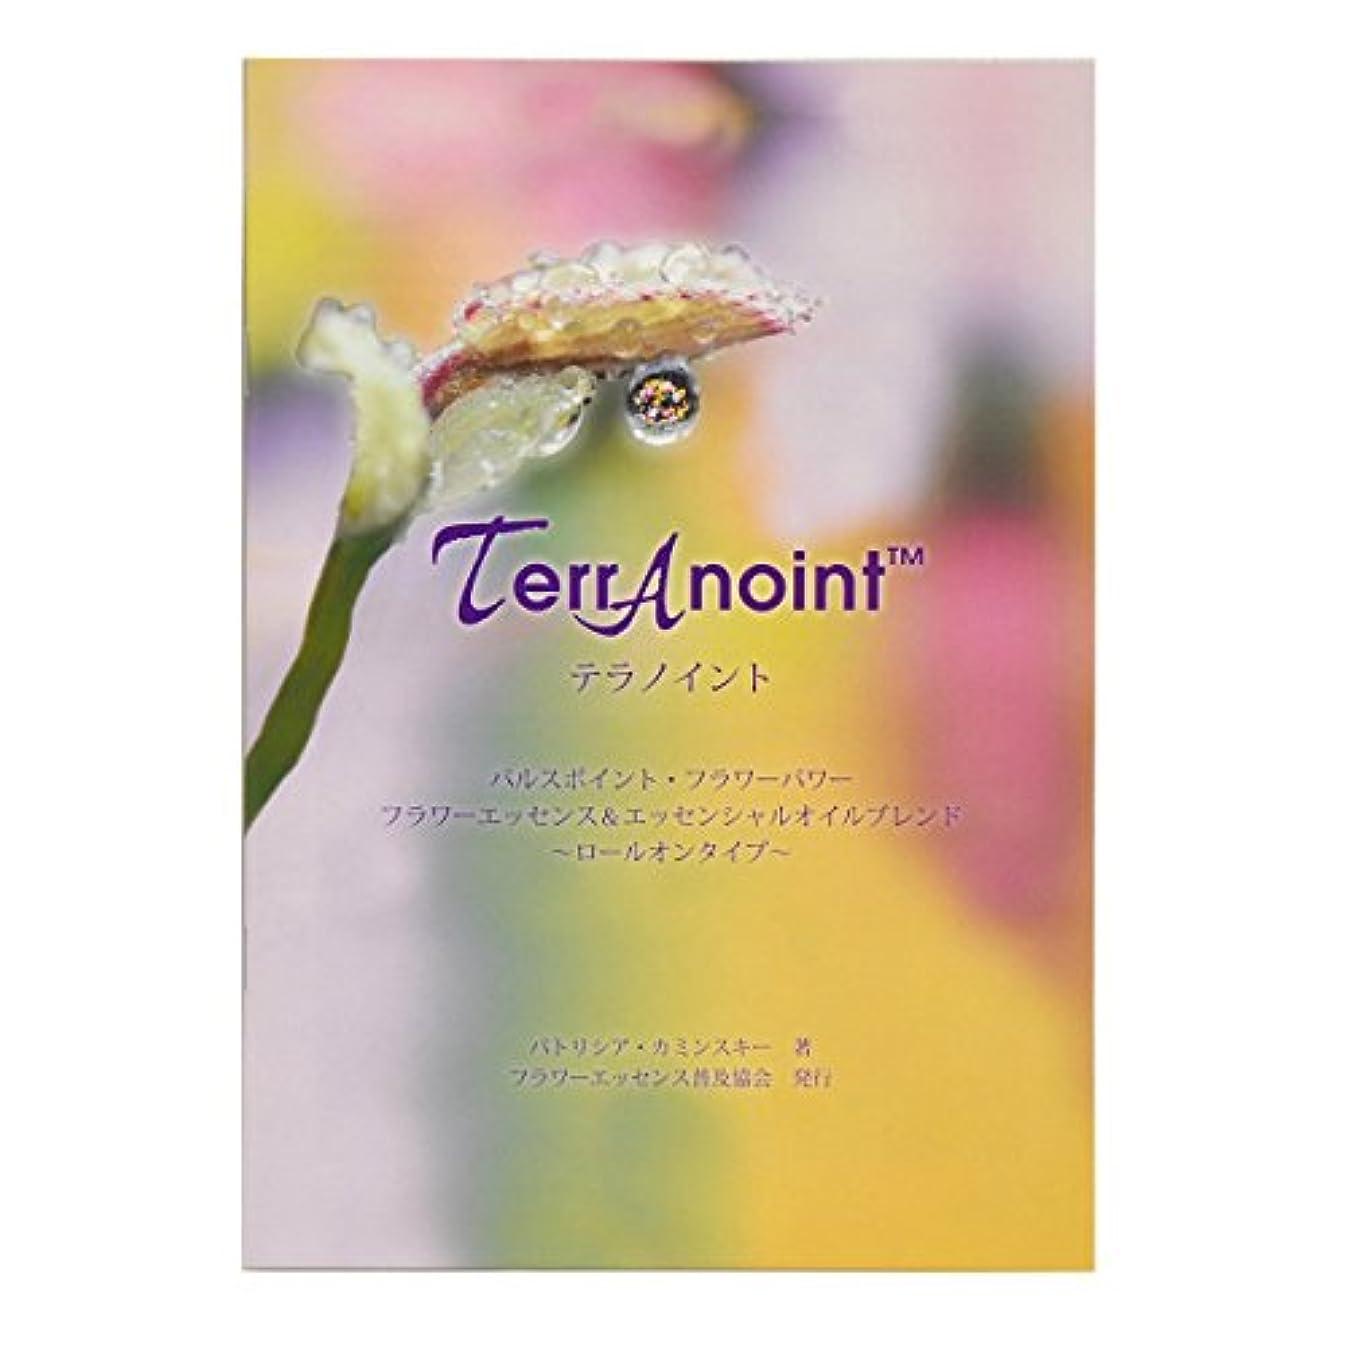 シリング辞任するエンティティFES テラノイント ロールオン 解説小冊子 (Flower Essence Services) 日本国内正規品